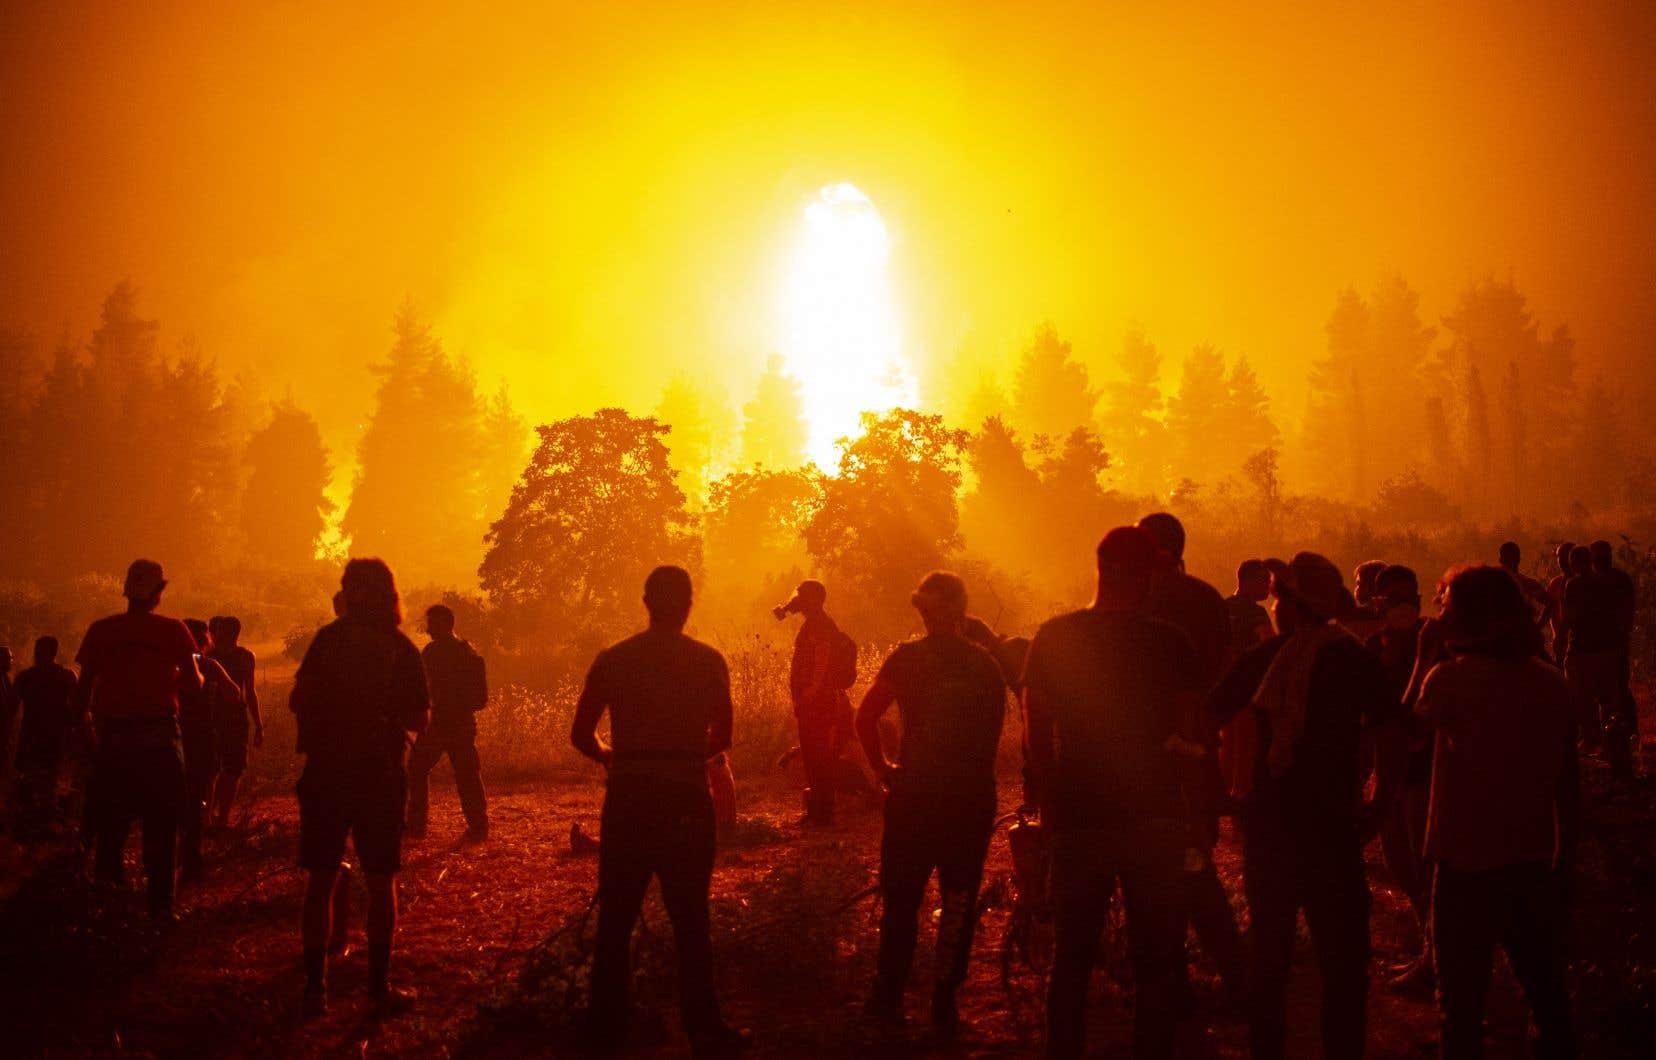 La Grèce et la Turquie traversent depuis près de deux semaines une vague d'incendies violents, favorisés par la sécheresse et des températures caniculaires.